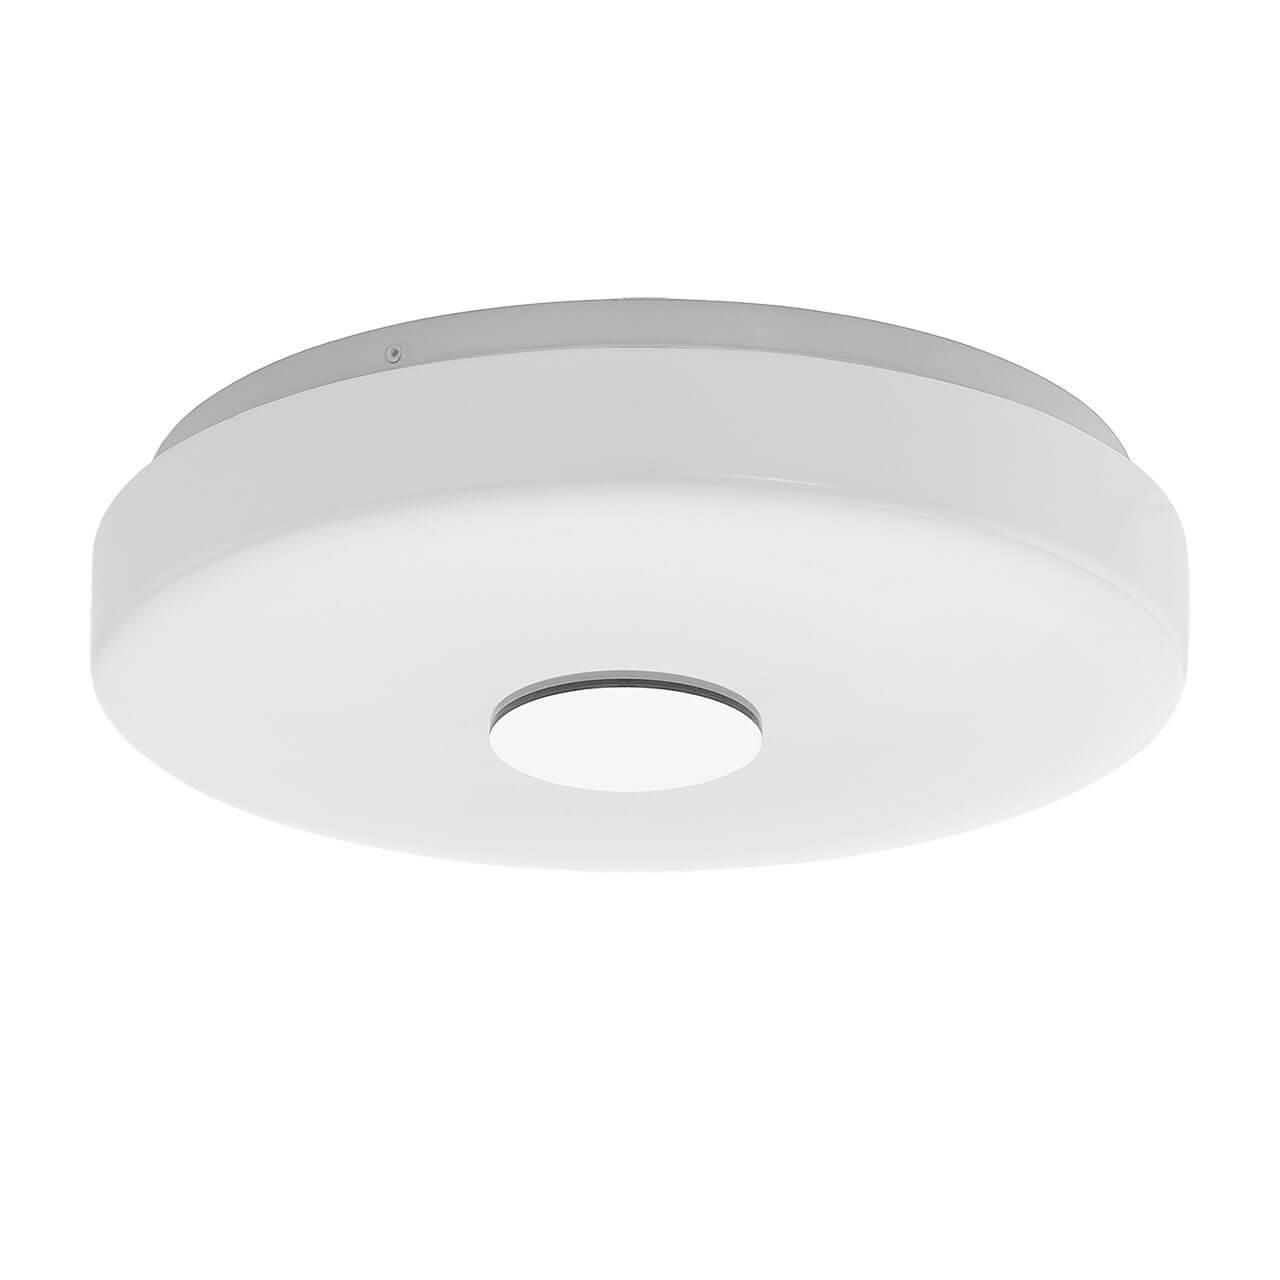 цены Накладной светильник Eglo 96819, LED, 17 Вт